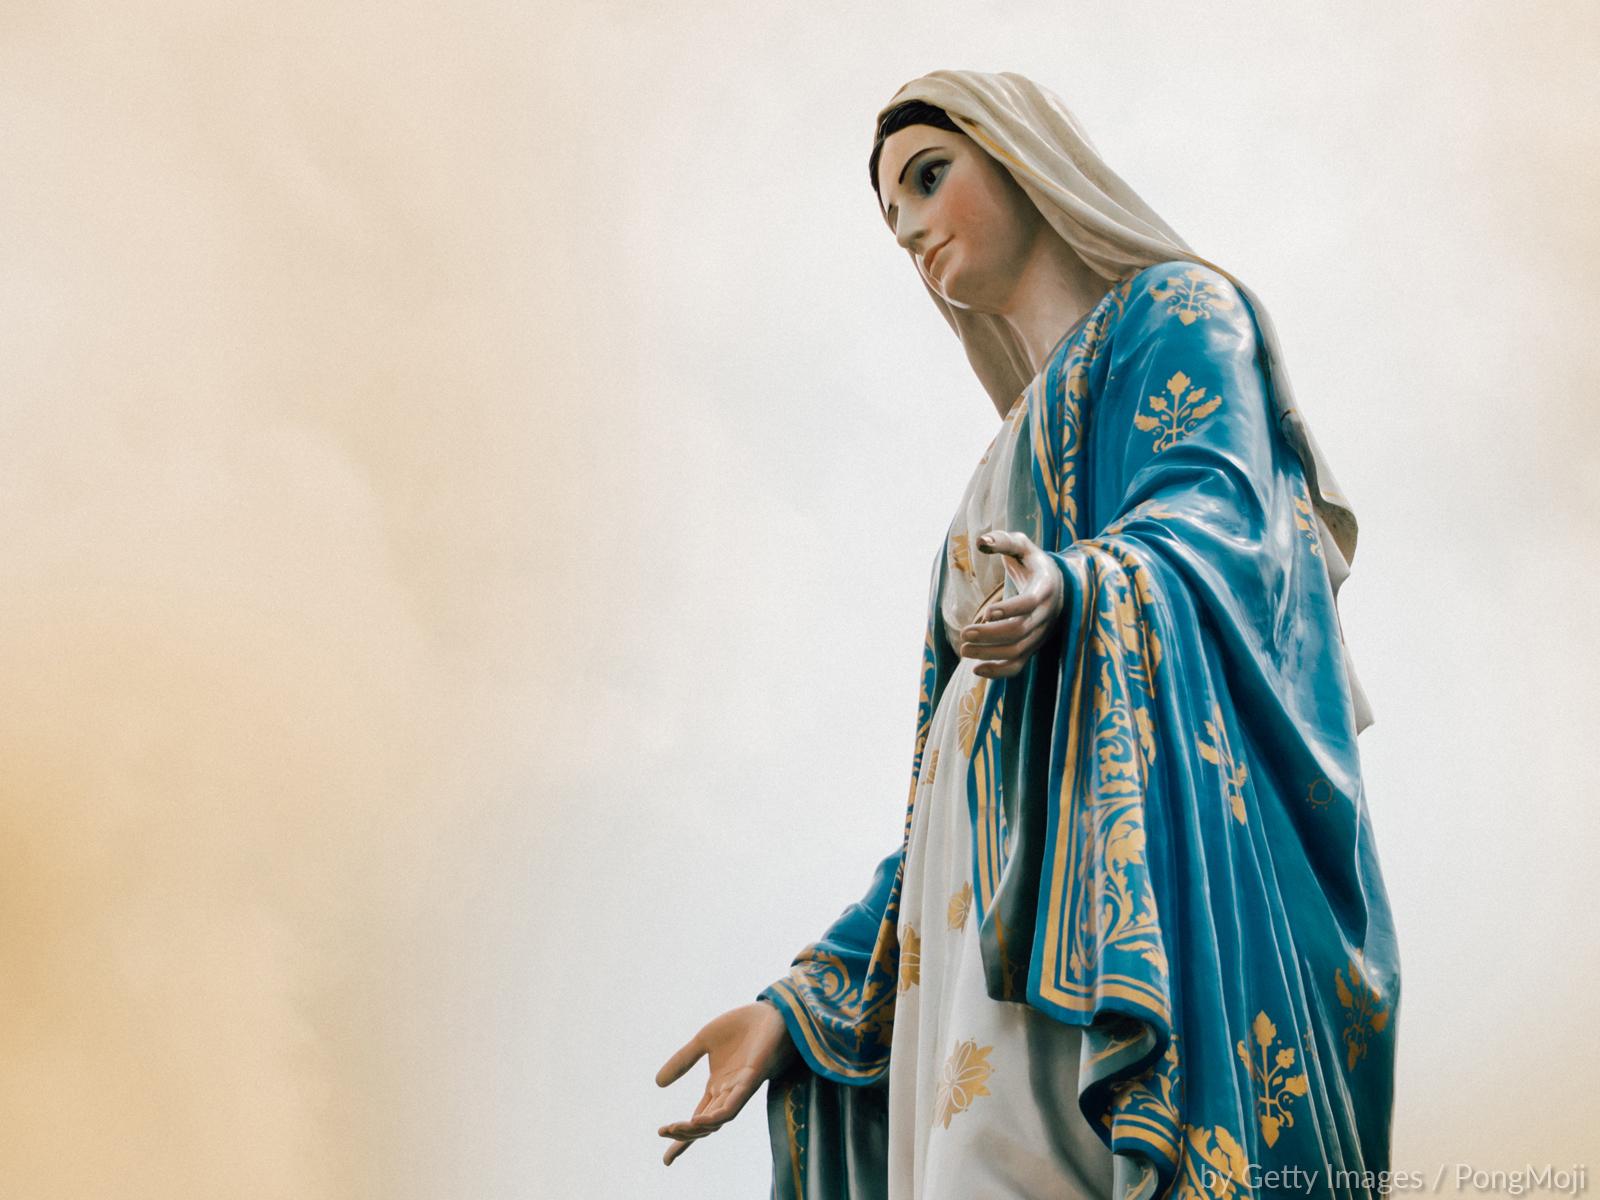 Maria é a Mãe de Deus